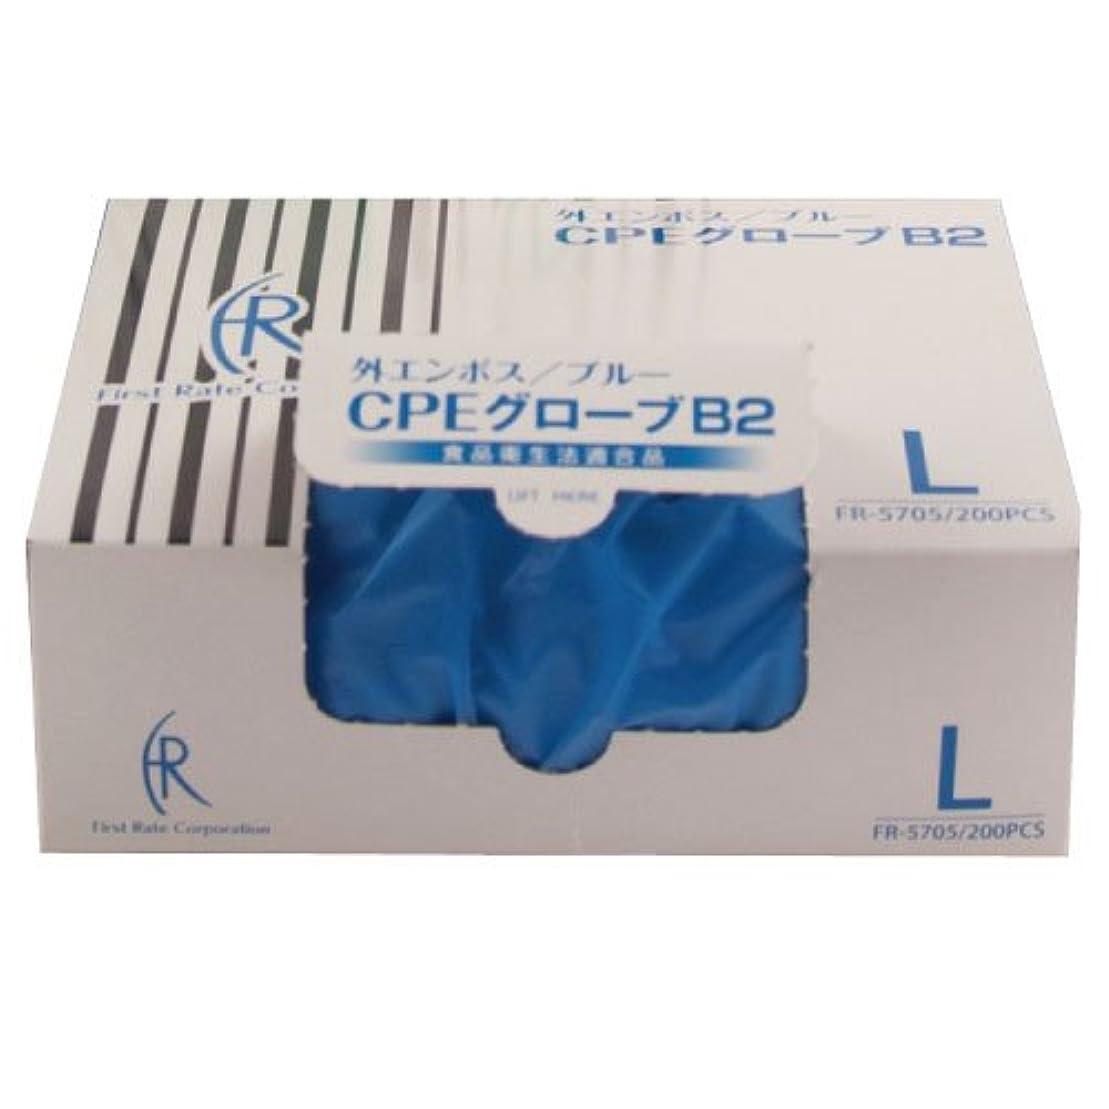 乱用倫理情報ファーストレイト CPEグローブ2(ブルー) FR-5705(L)200マイイリ